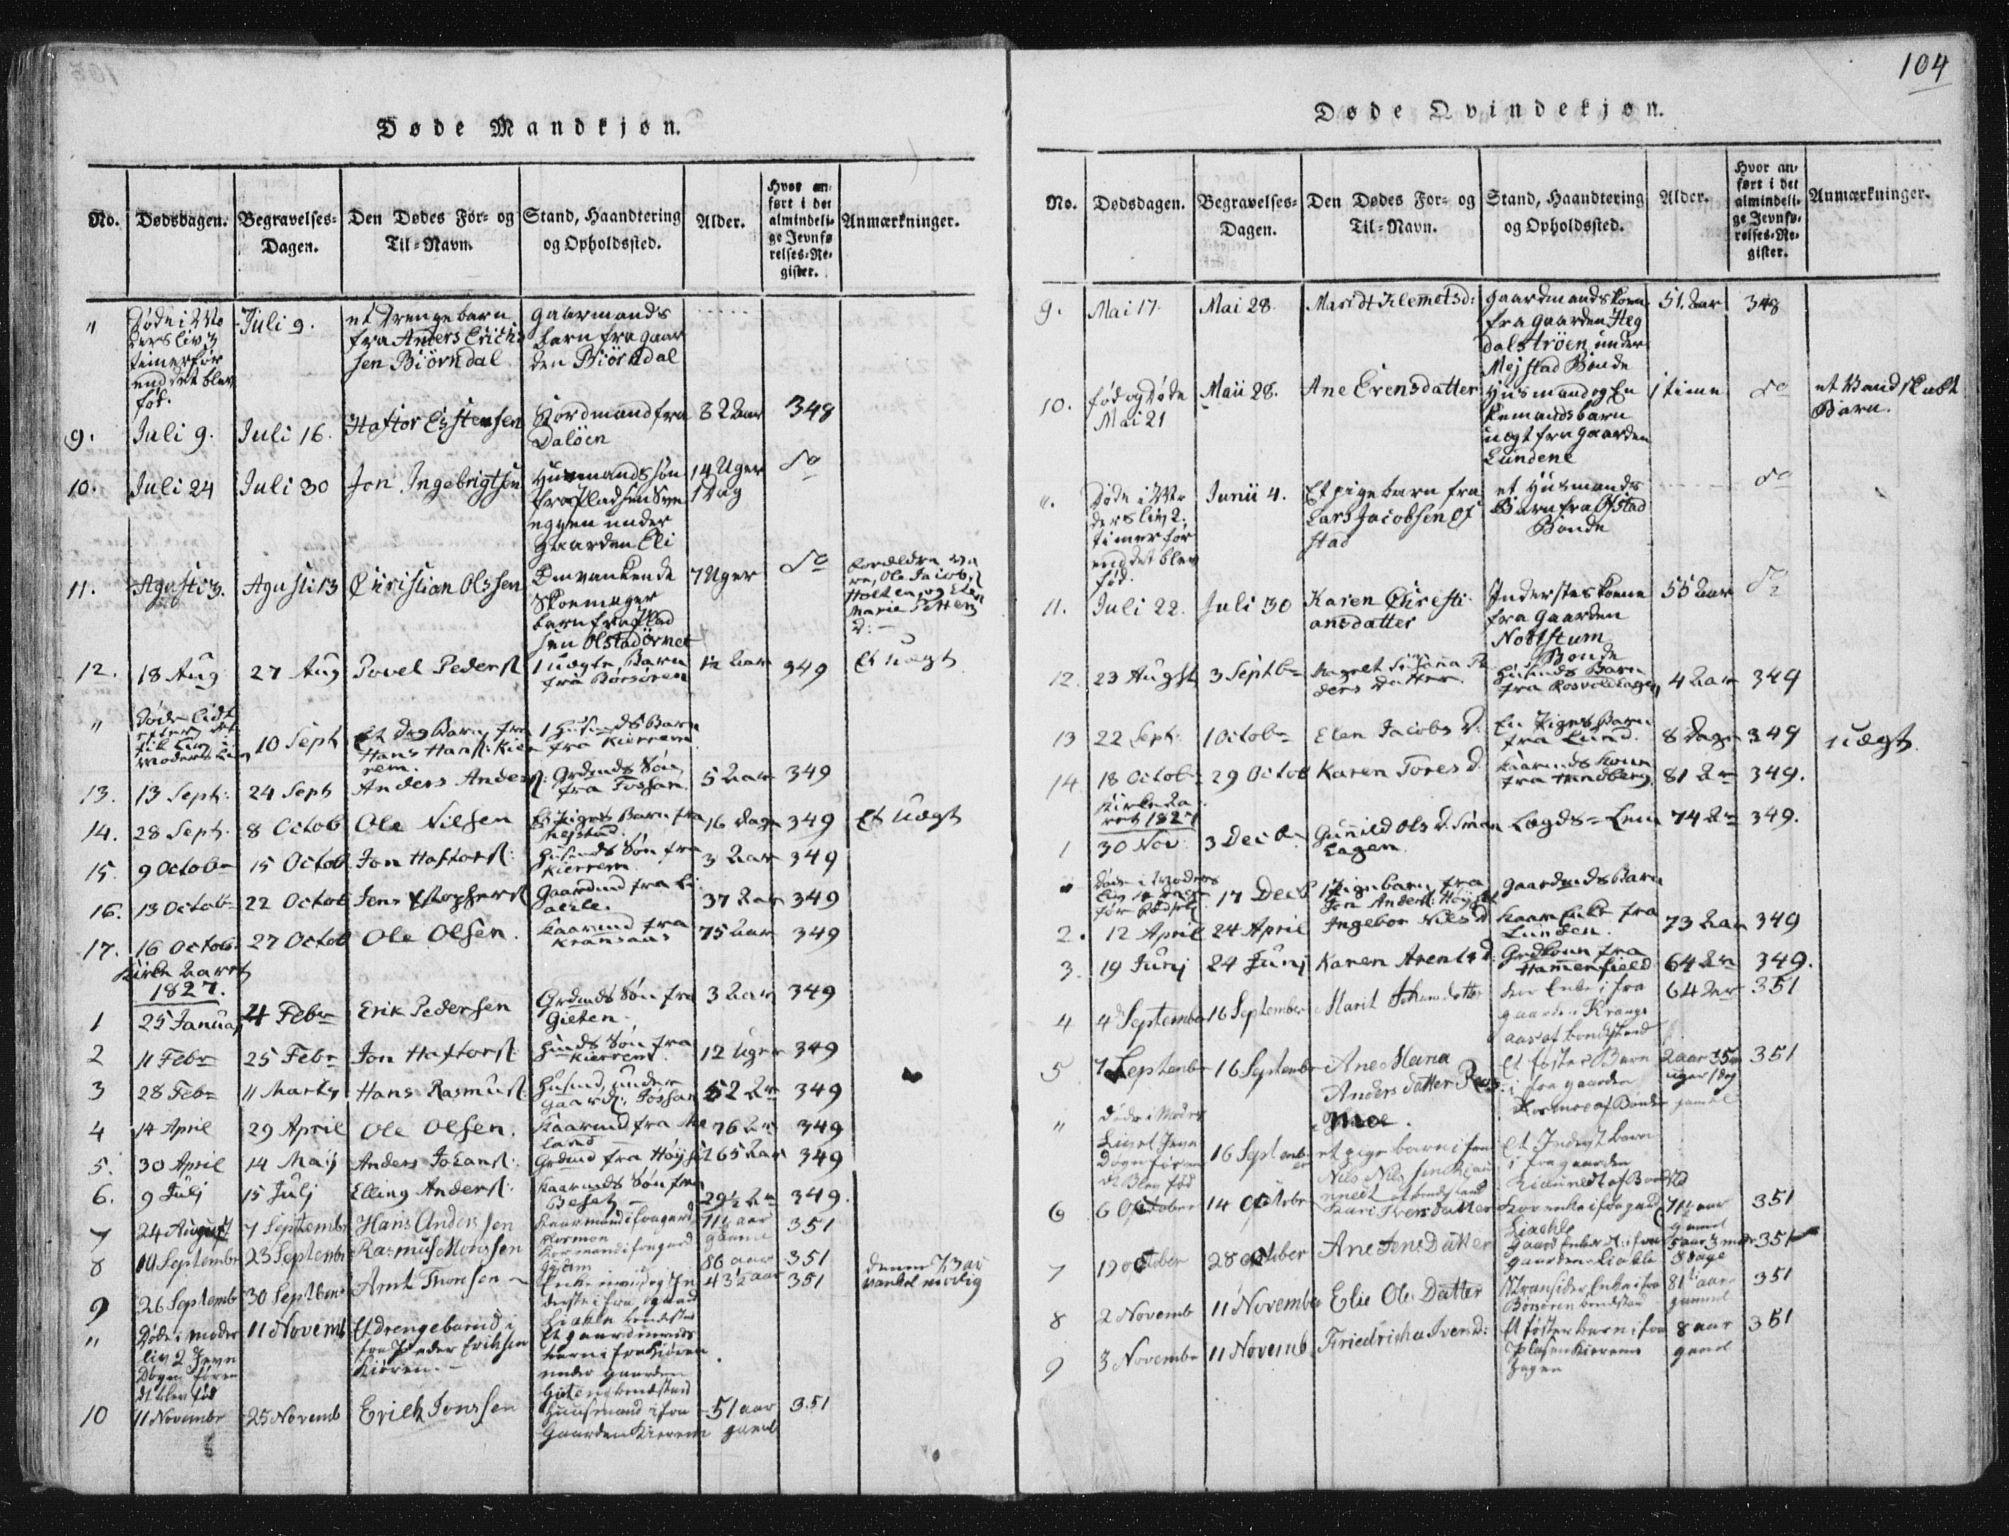 SAT, Ministerialprotokoller, klokkerbøker og fødselsregistre - Sør-Trøndelag, 665/L0770: Ministerialbok nr. 665A05, 1817-1829, s. 104